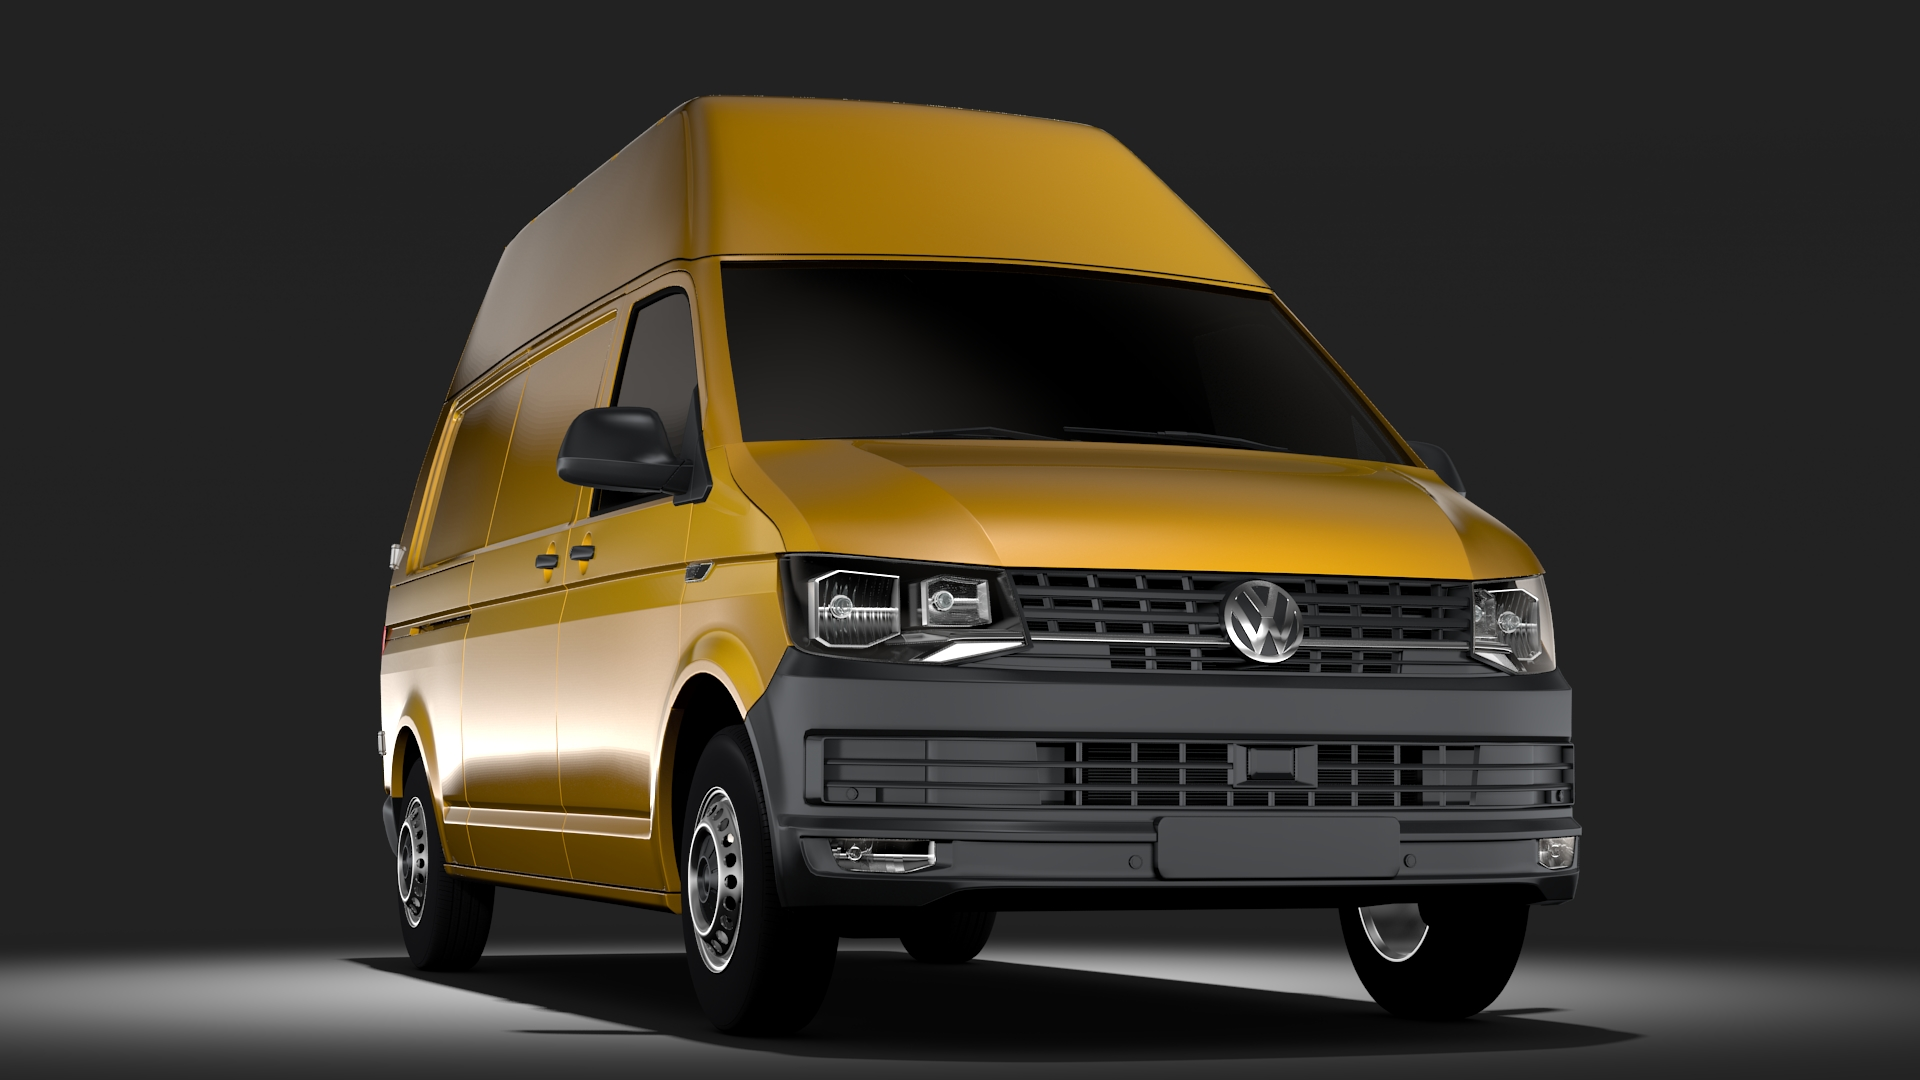 volkswagen transporteris furgonas l2h3 t6 2017 3d modelis max fbx XXXXXXXXXMUMX